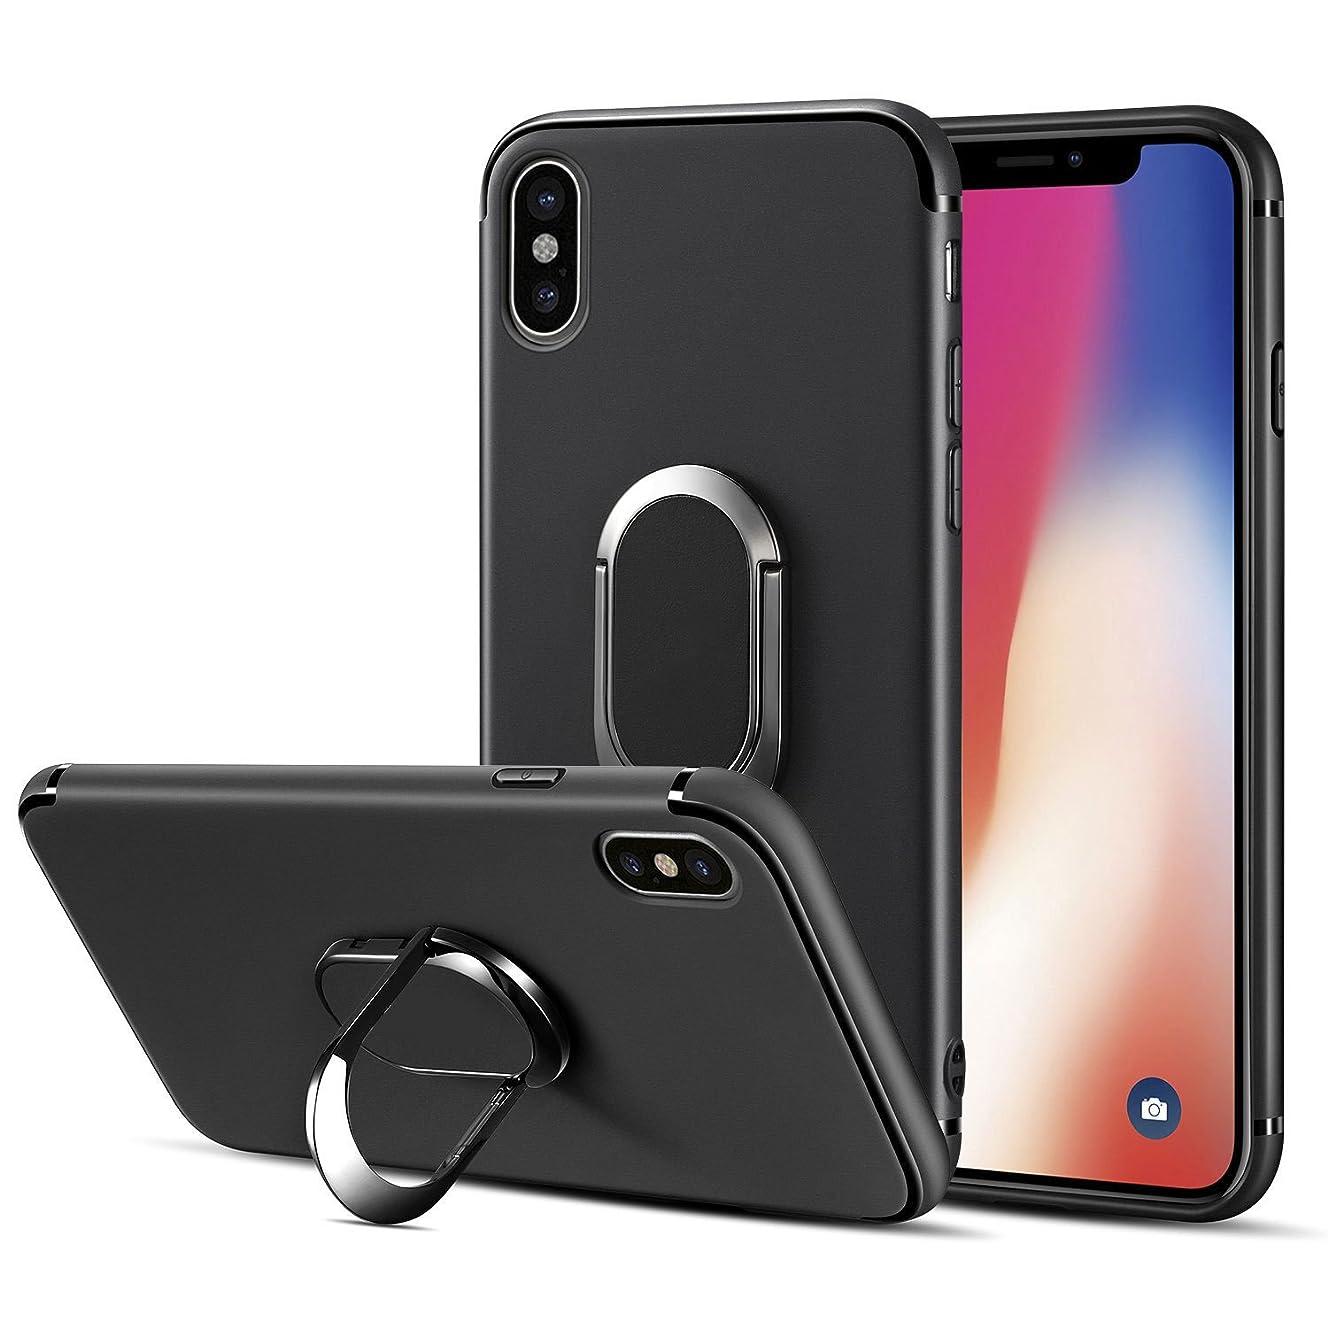 ブレス自己尊重強化iPhone X?iPhone 10保護ケース、リングホルダー付きキックスタンド機能、360度回転超薄型ハードカバー(黒)